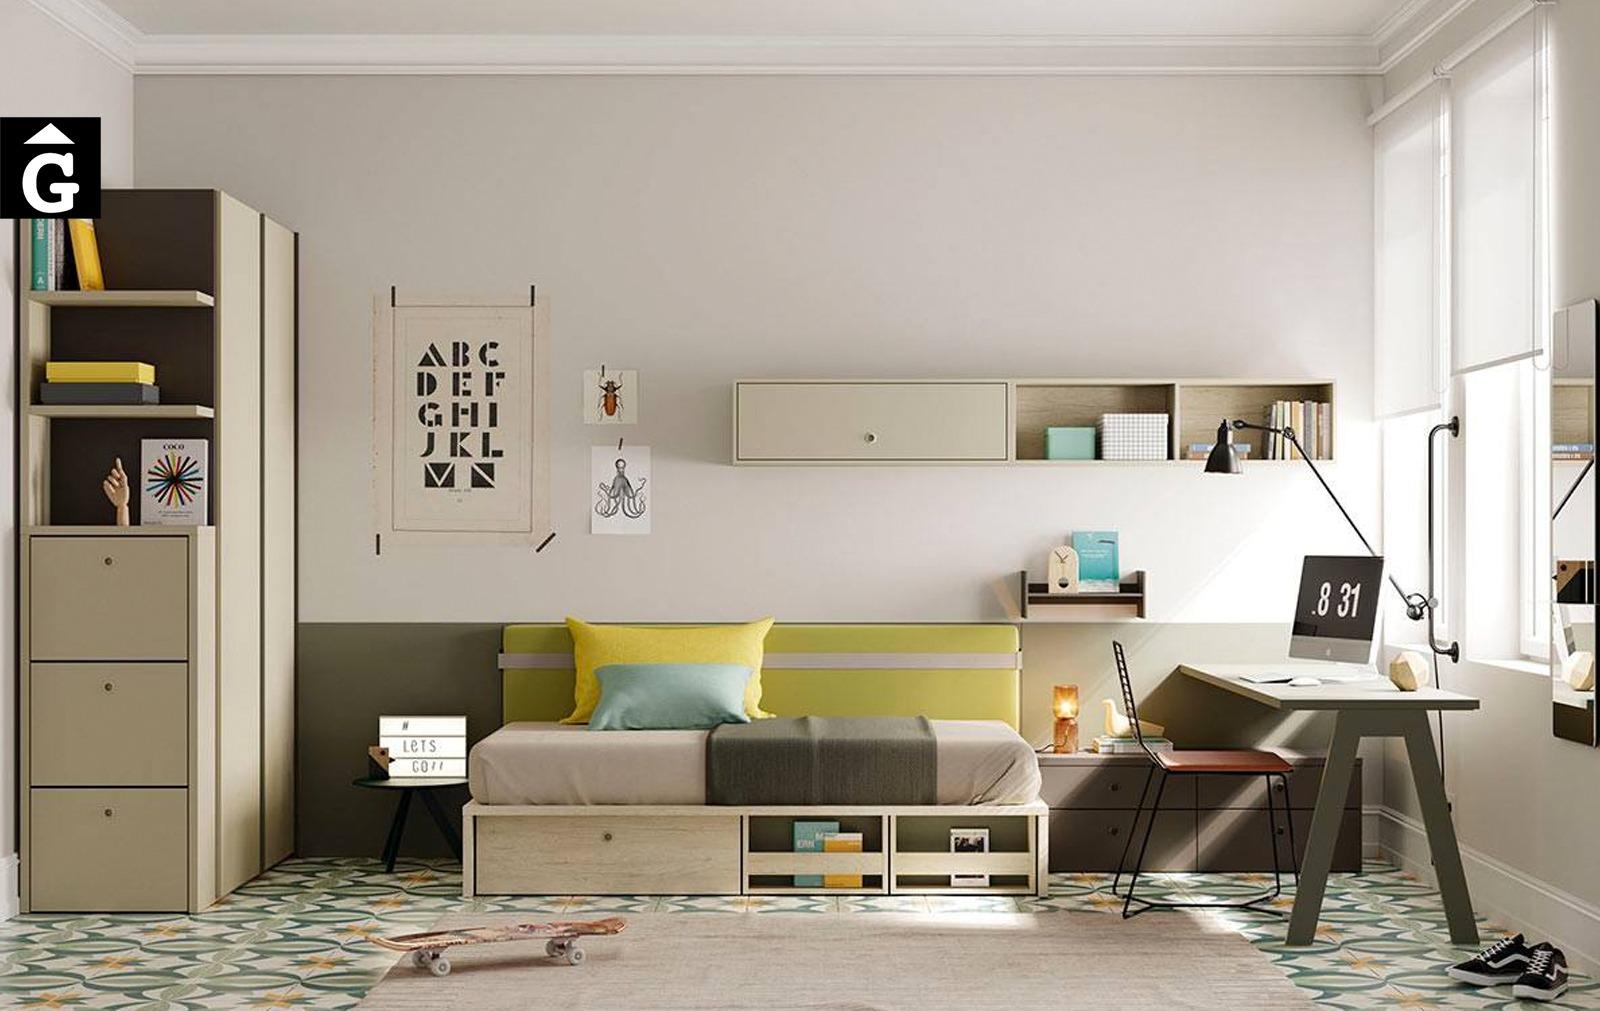 Habitació Juvenil amb llit niu Flash   Llit niu base plana Flash   Capçal Picnic   Jove   Joven   lagrama   mobles Gifreu